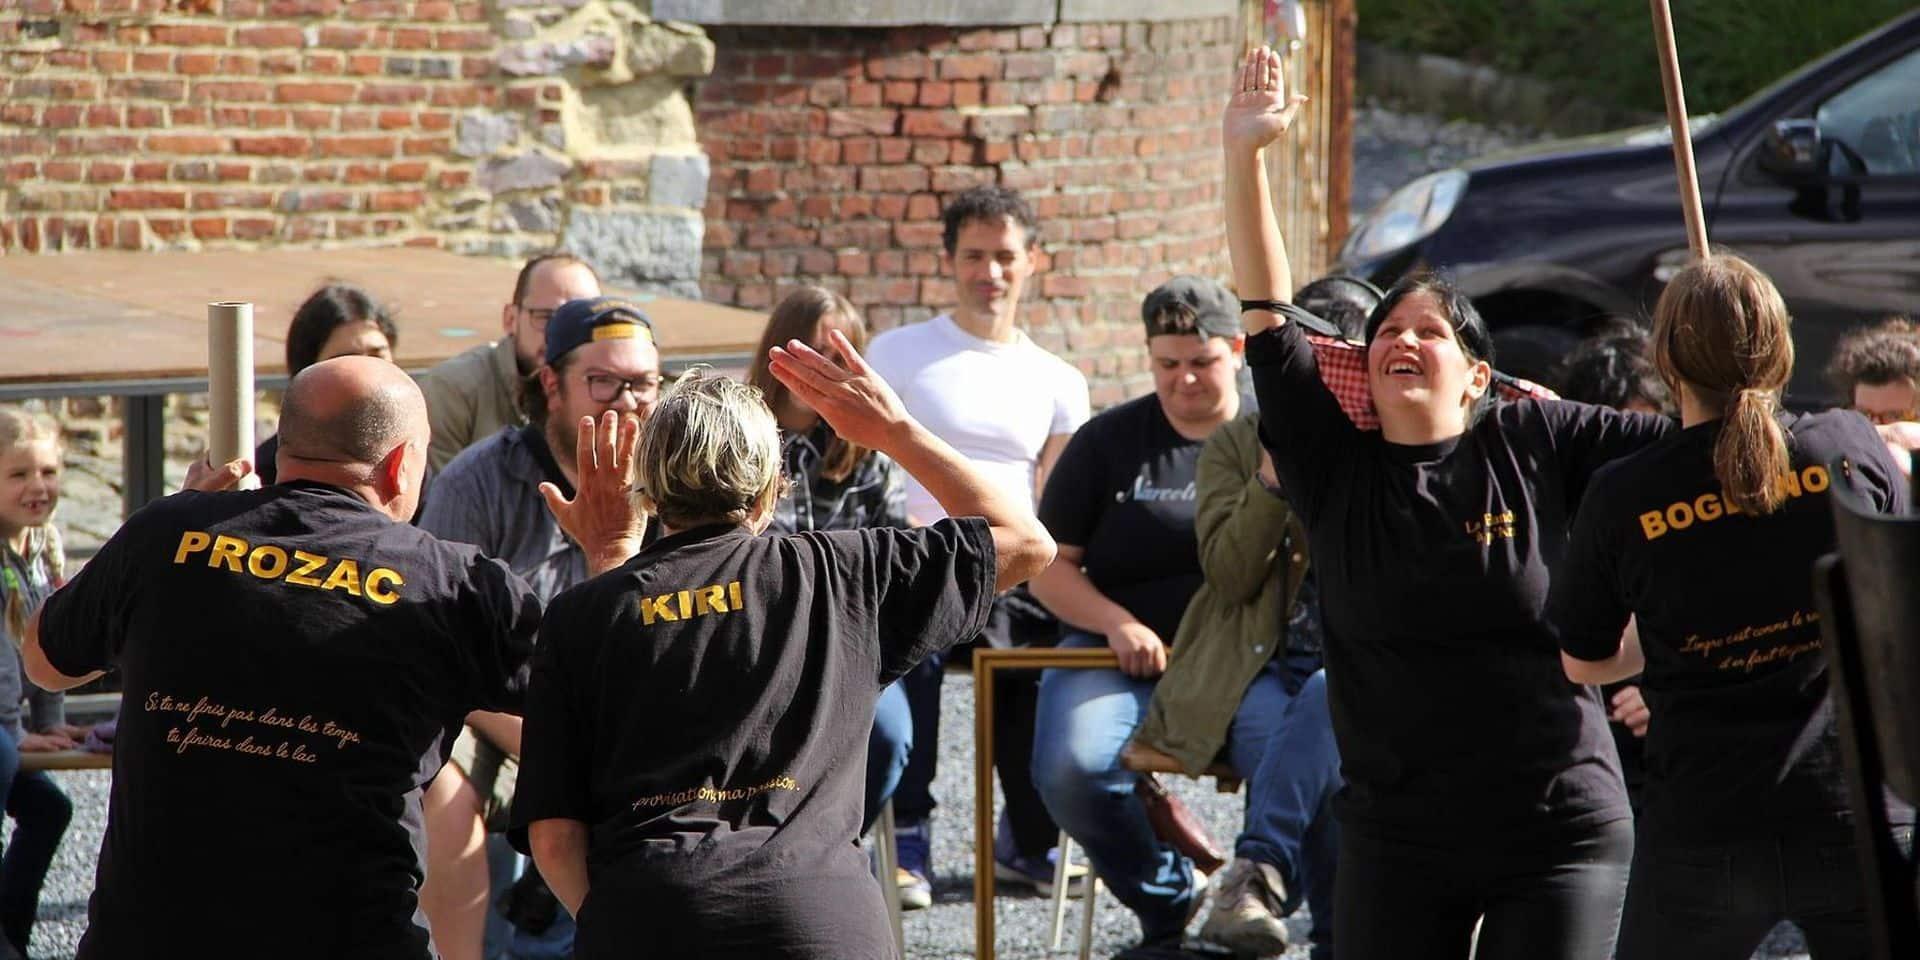 """La cinquième """"Fête à Mimile"""", organisée par la bande à p'Art, aura lieu ce week-end à Audregnies"""